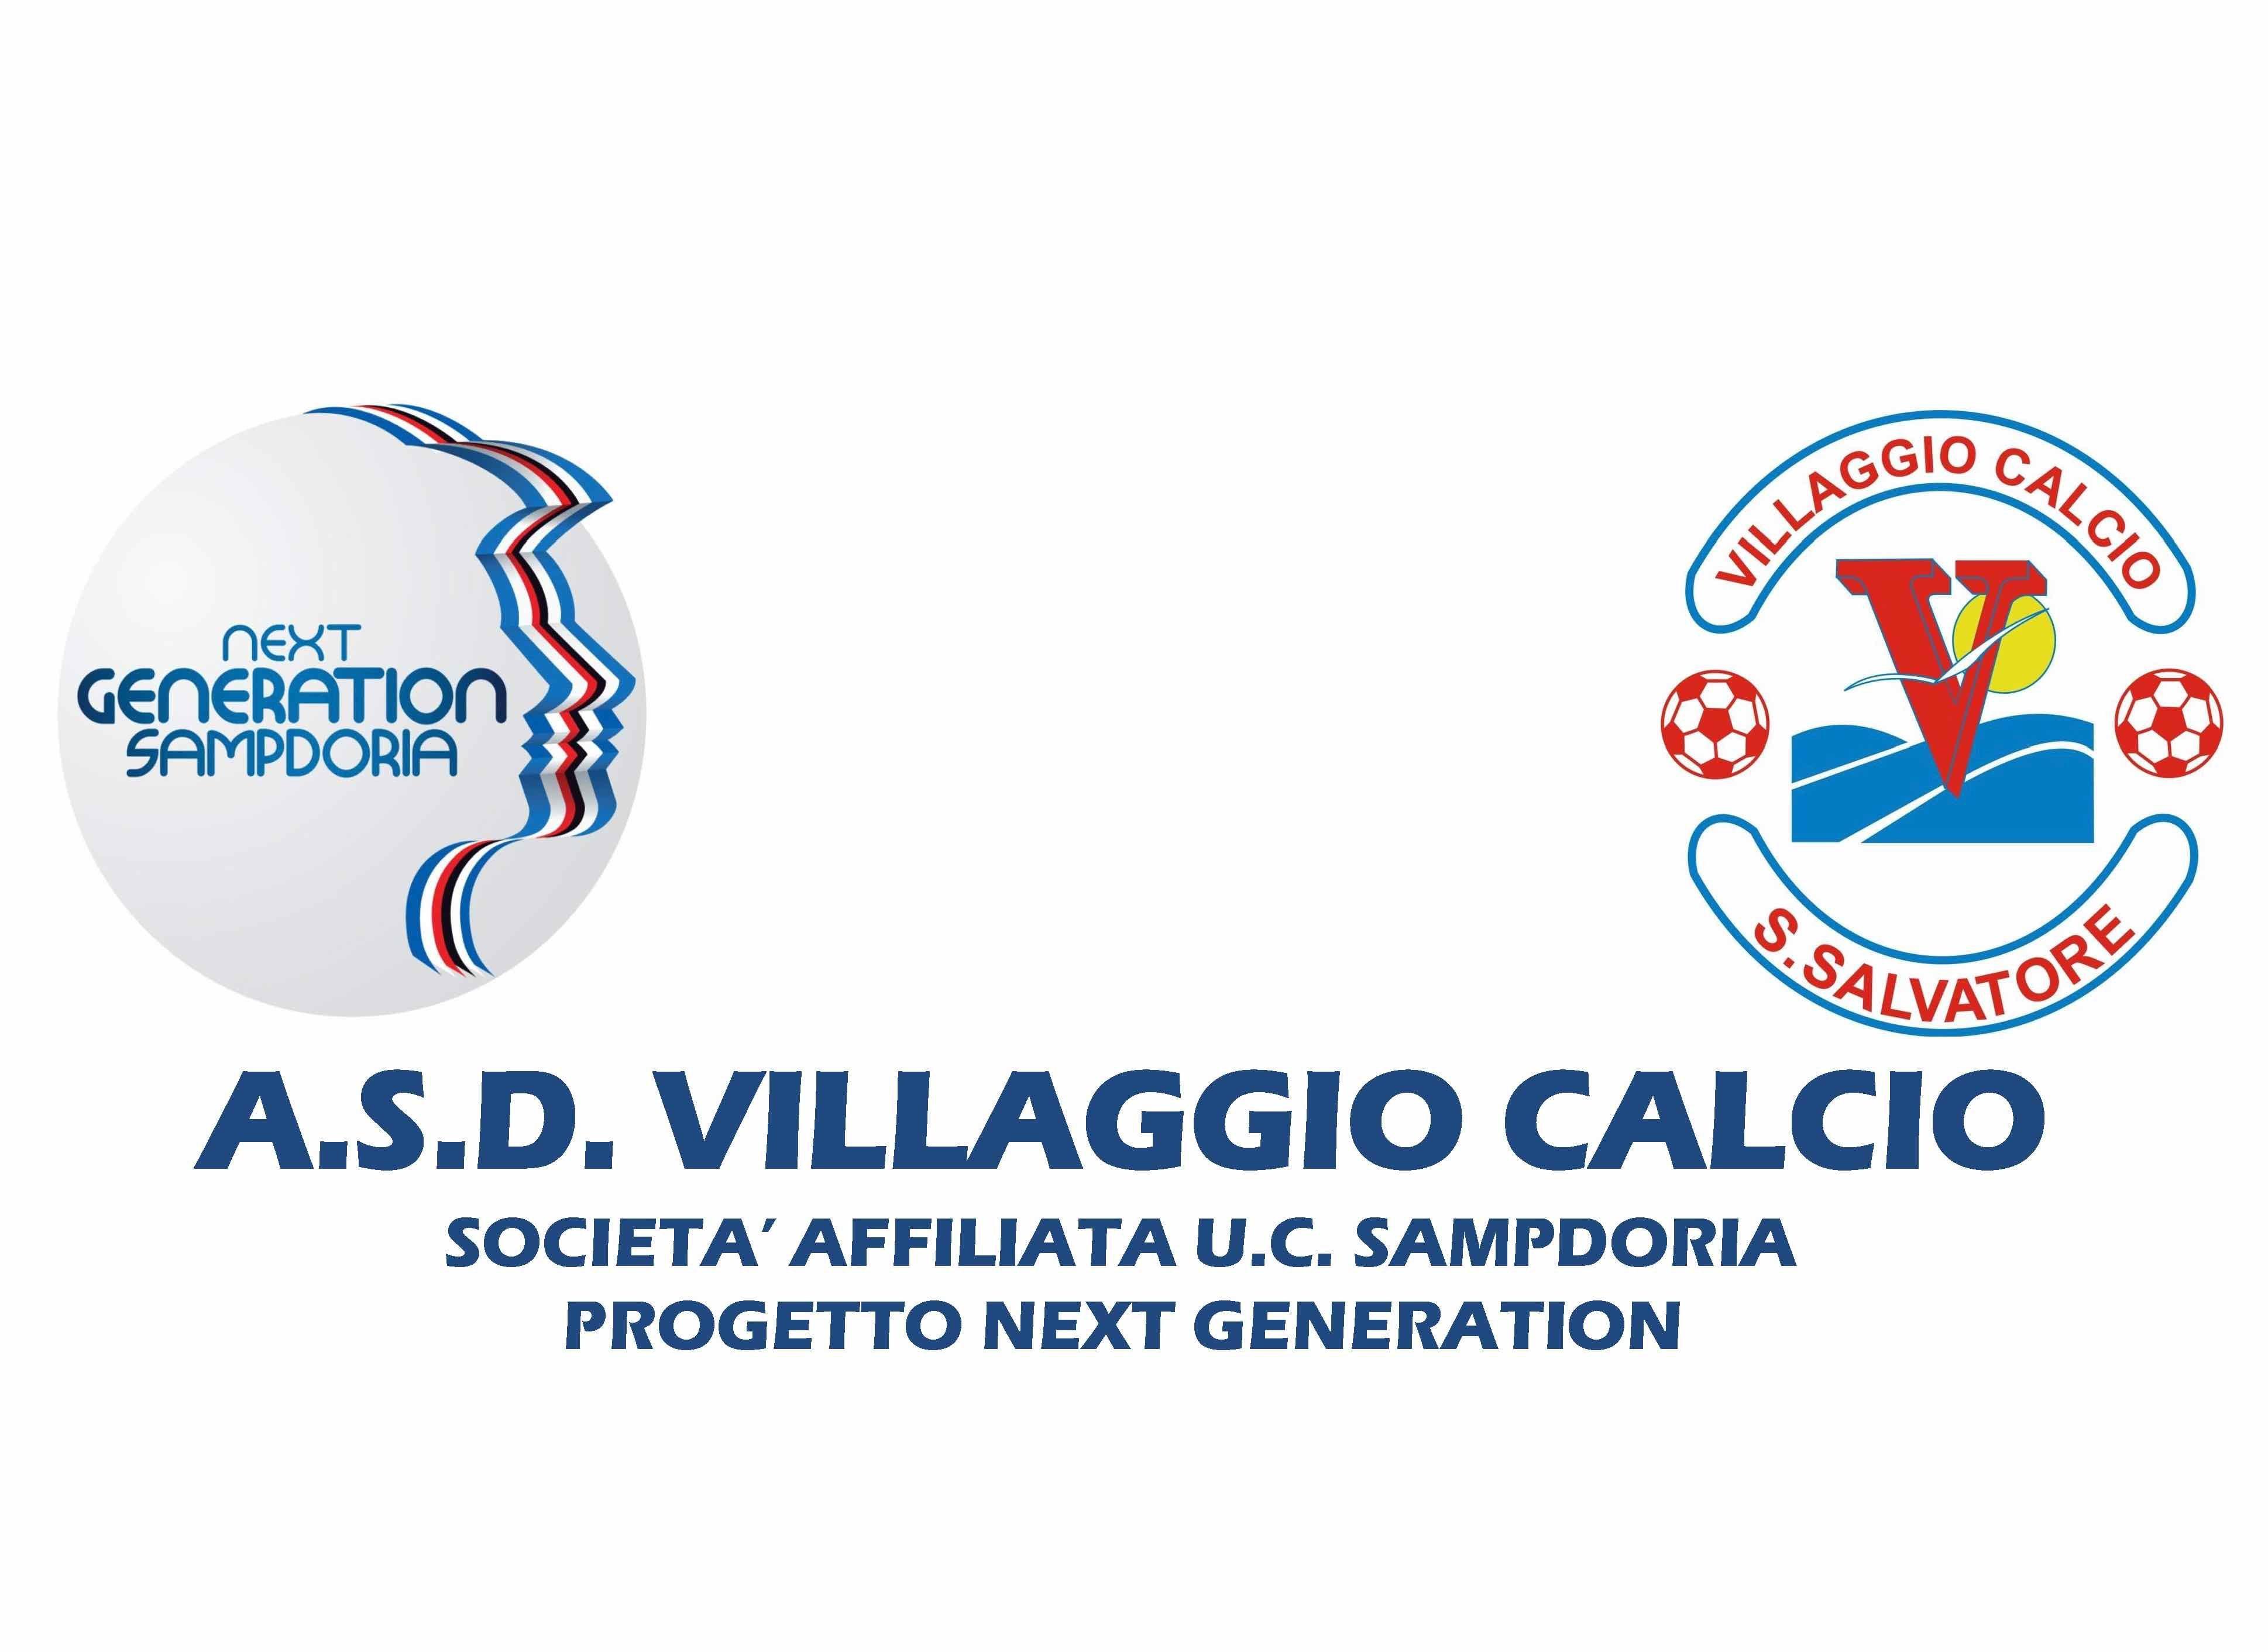 Villaggio Calcio entra a far parte del Progetto Next Generation dell'U.C. Sampdoria